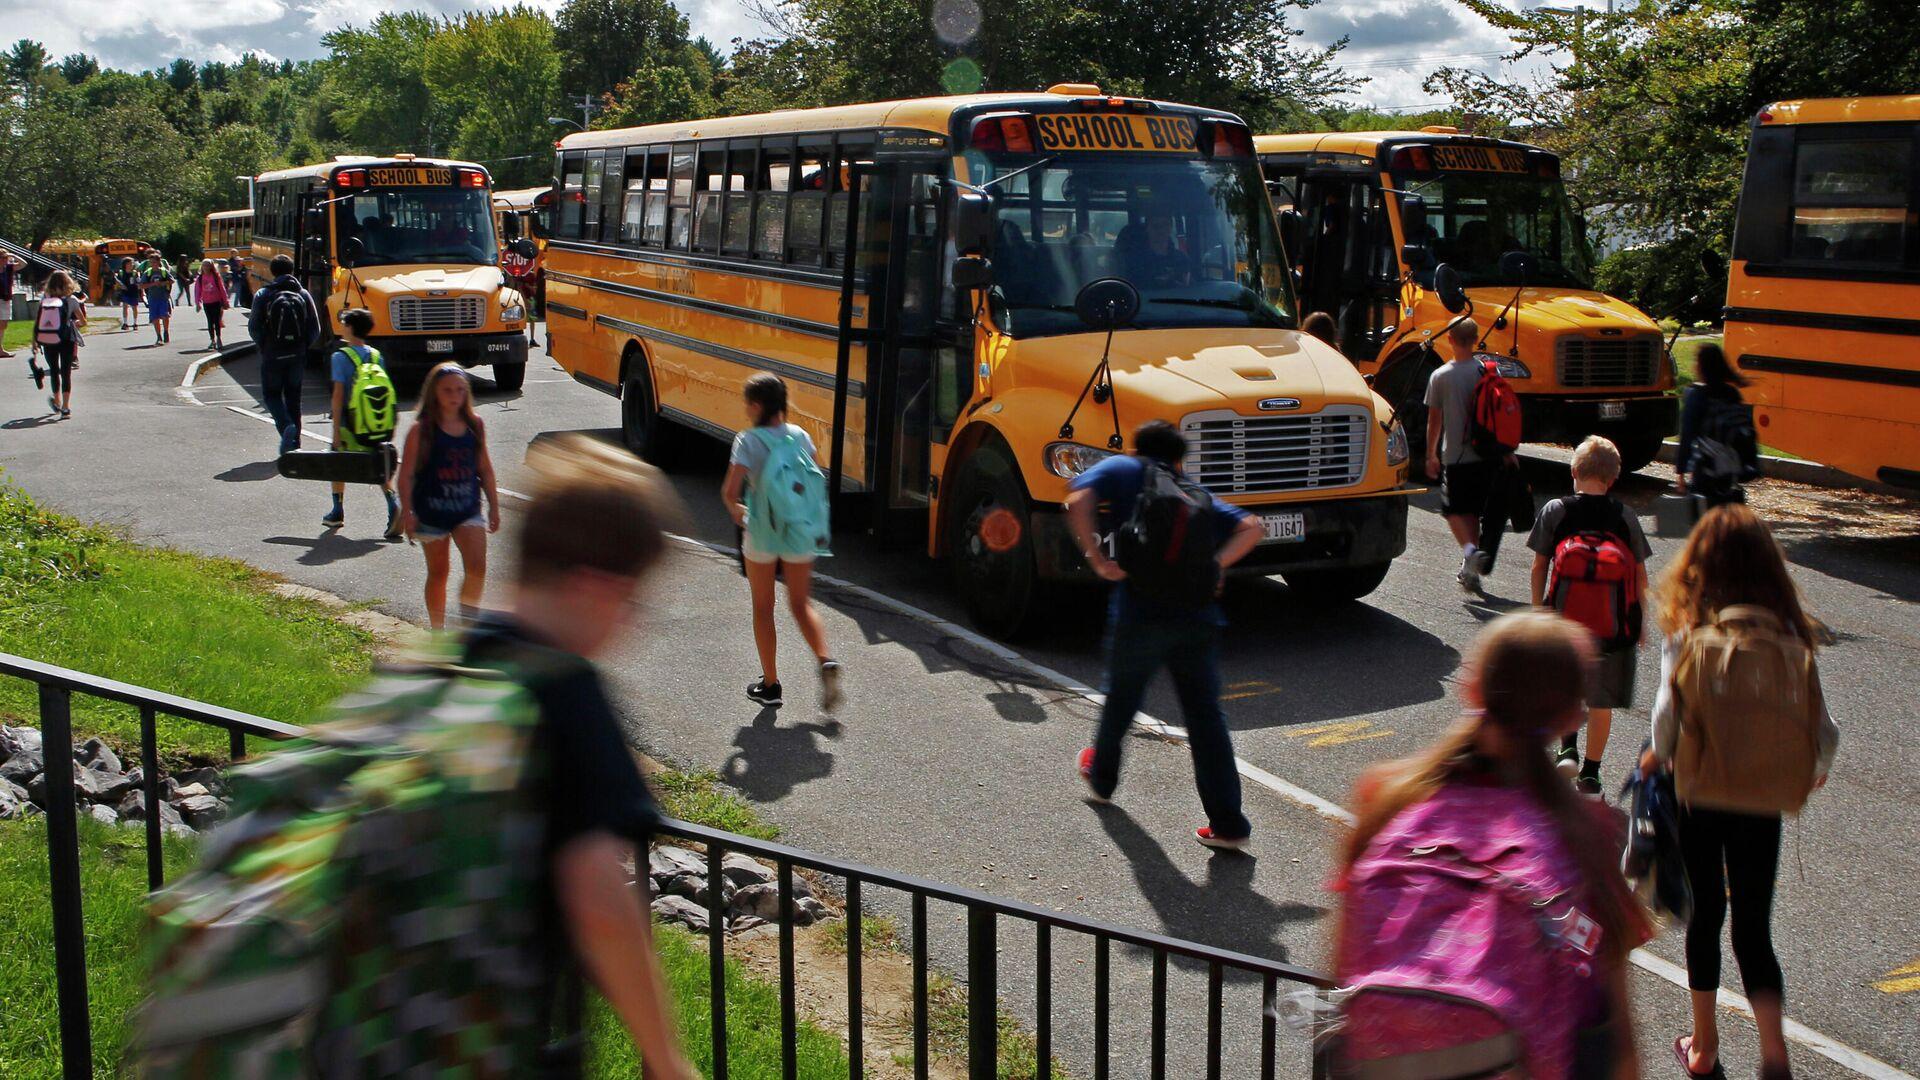 Ученики средней школы направляются к автобусам в Йорке, штат Мэн - РИА Новости, 1920, 03.09.2020